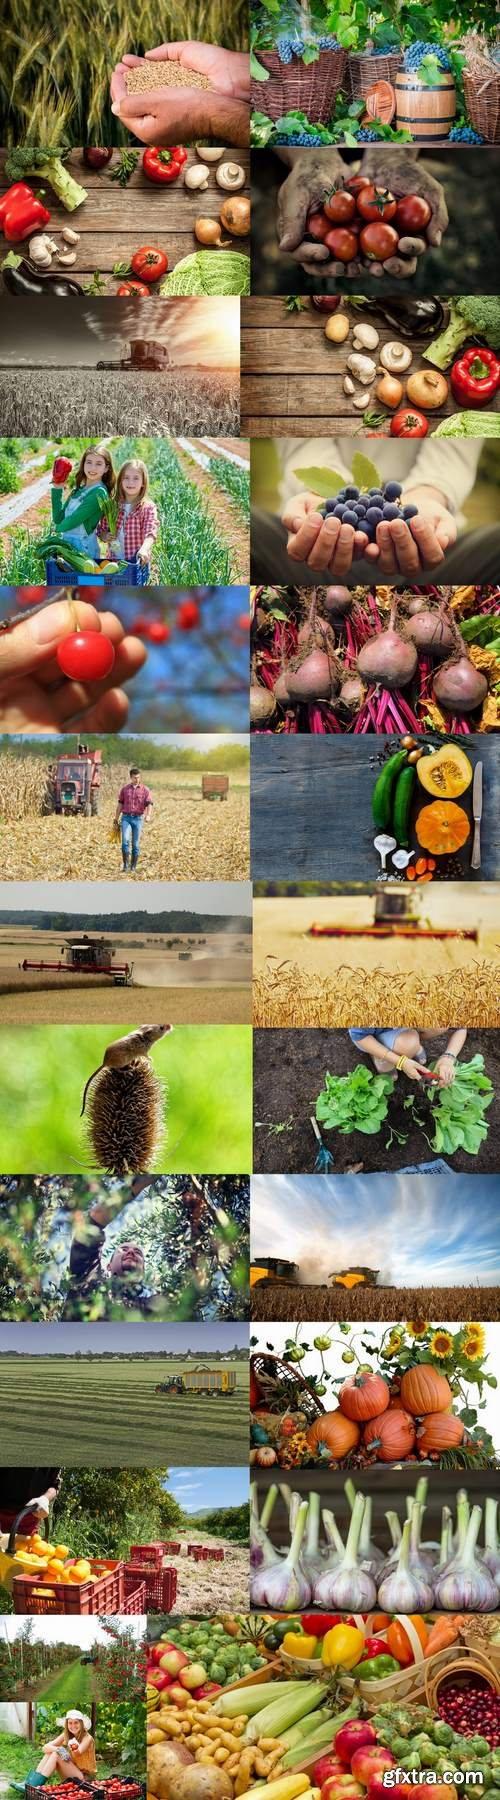 Harvest still life fruit vegetables agriculture farming 25 HQ Jpeg